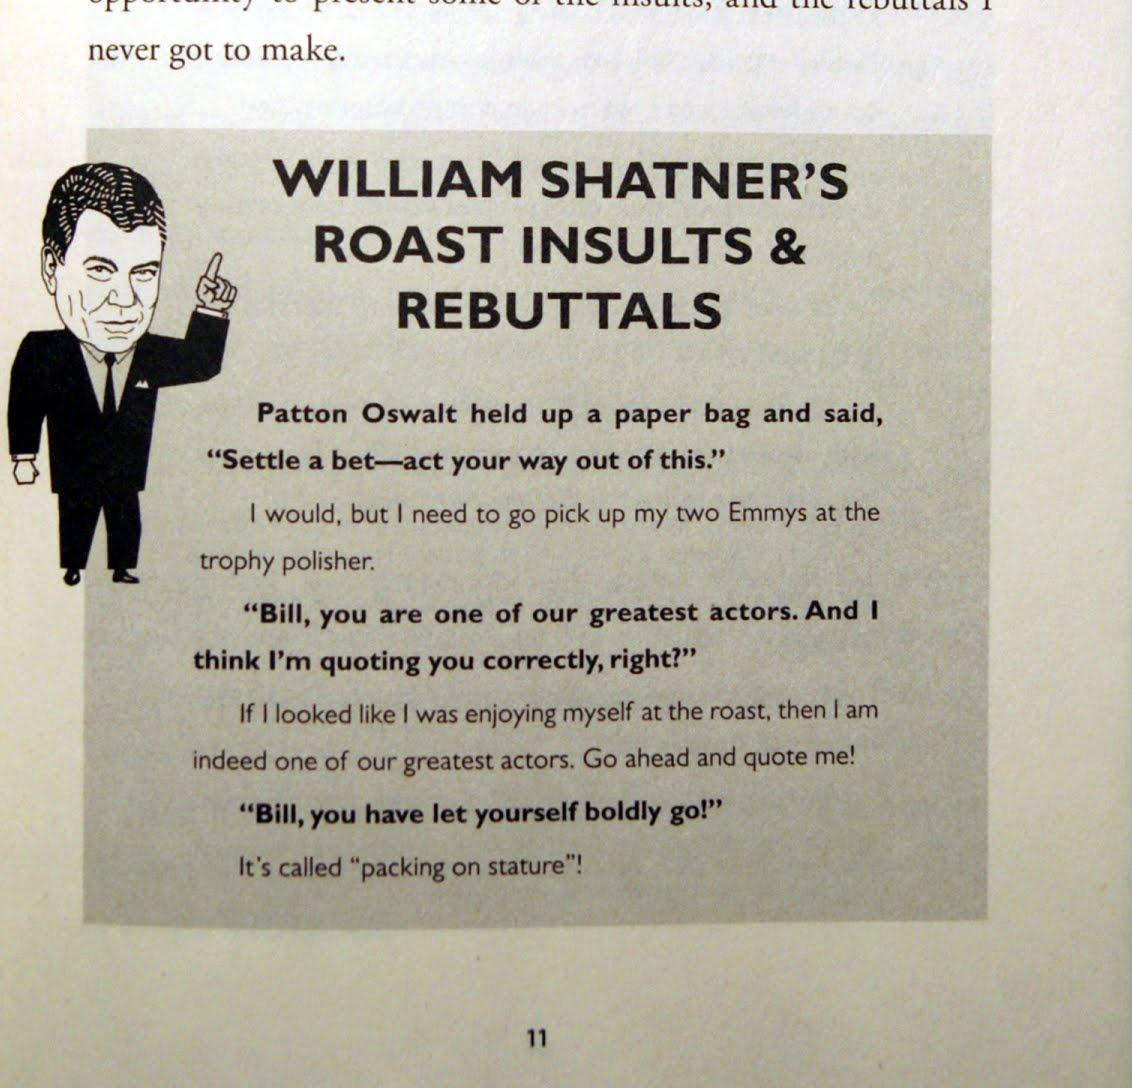 William Shatner's quote #5